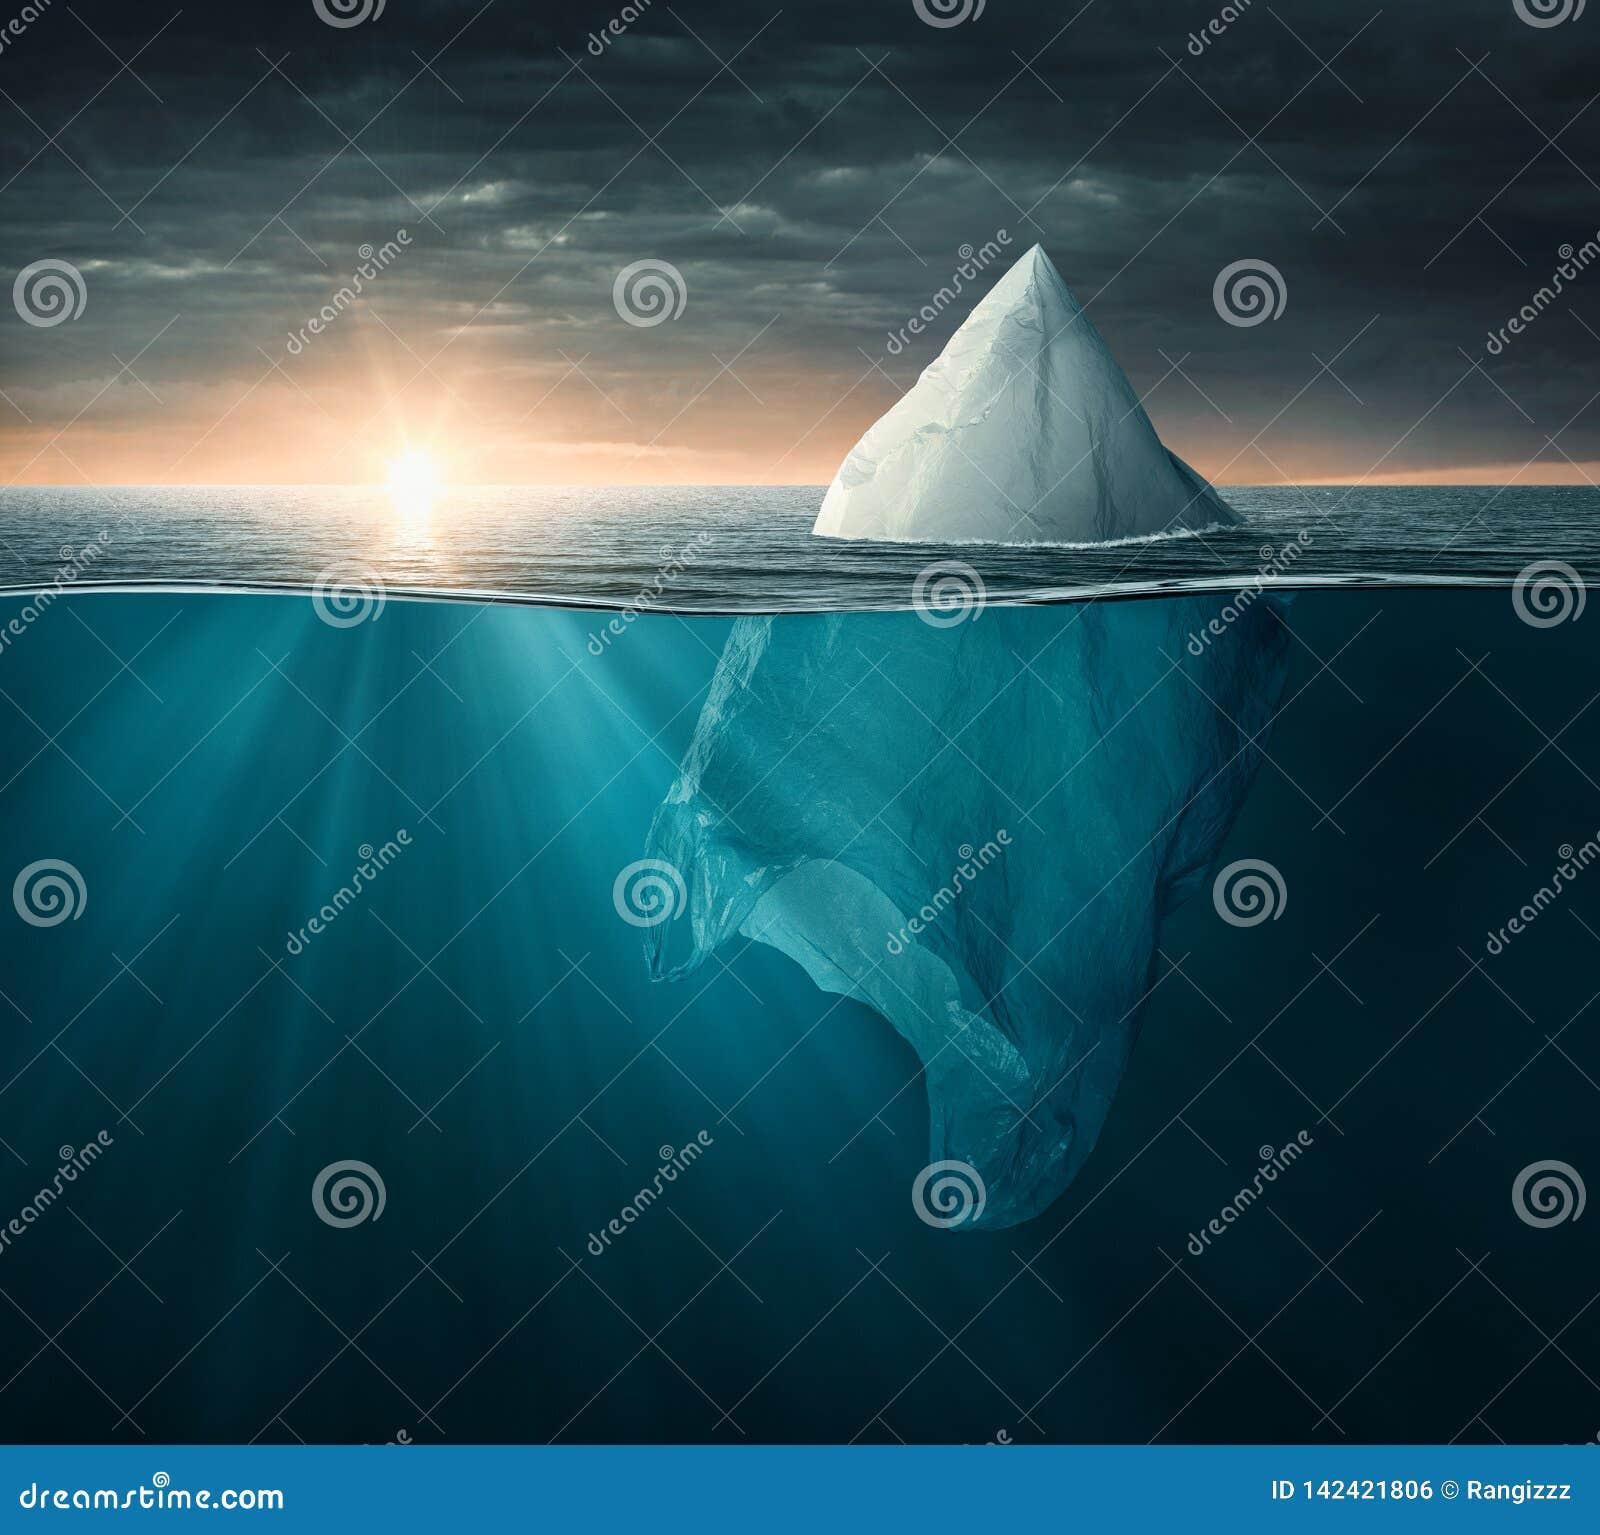 塑料袋在看起来冰山的海洋